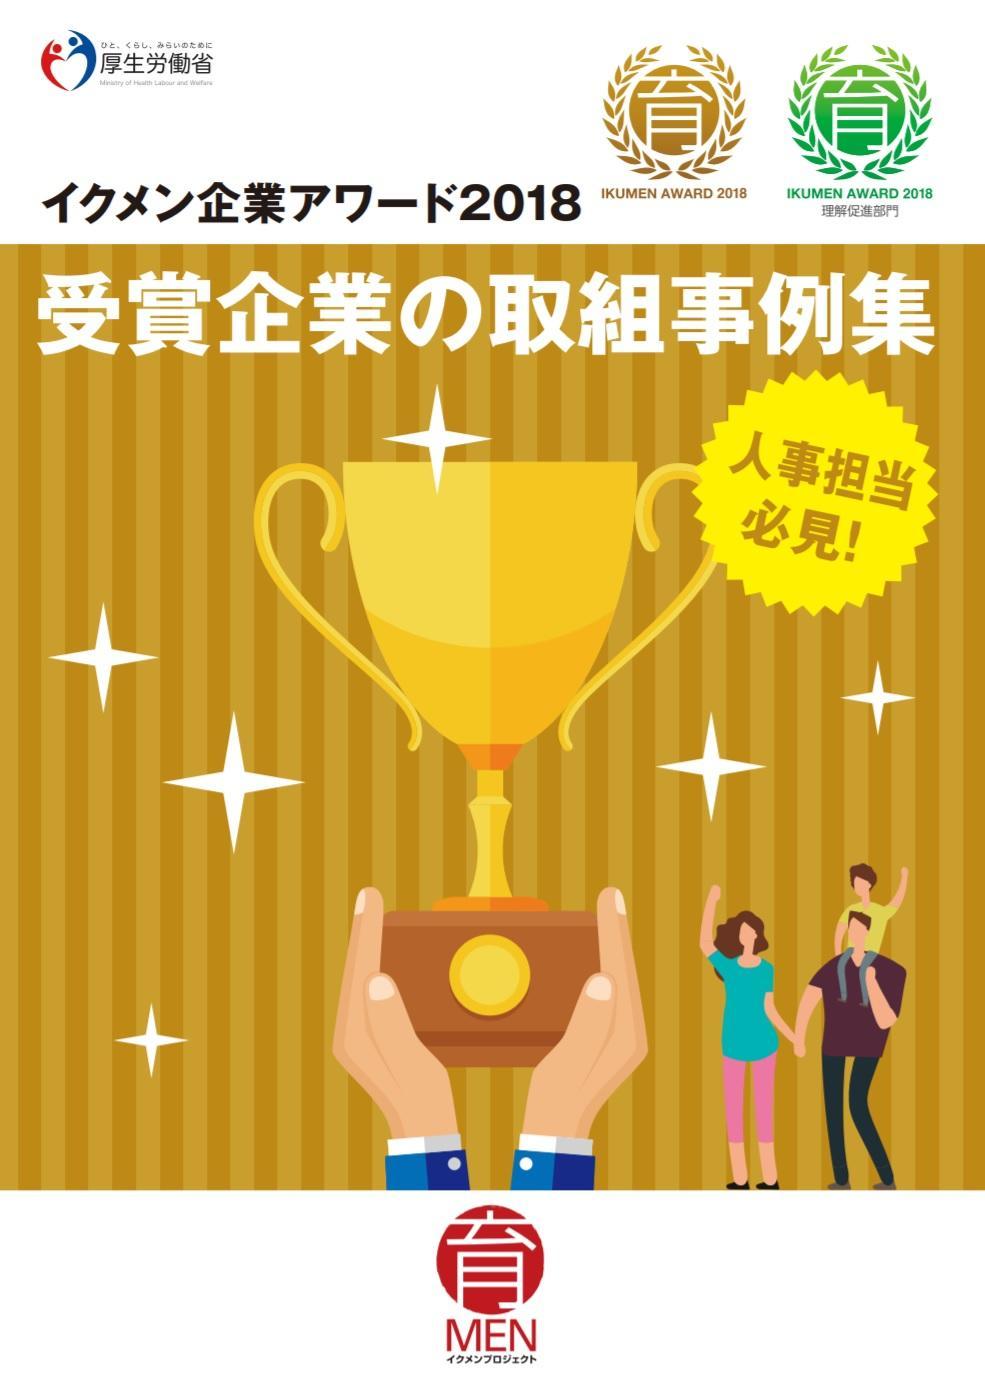 厚労省がイクメン企業アワード受賞企業取組事例集などを発行